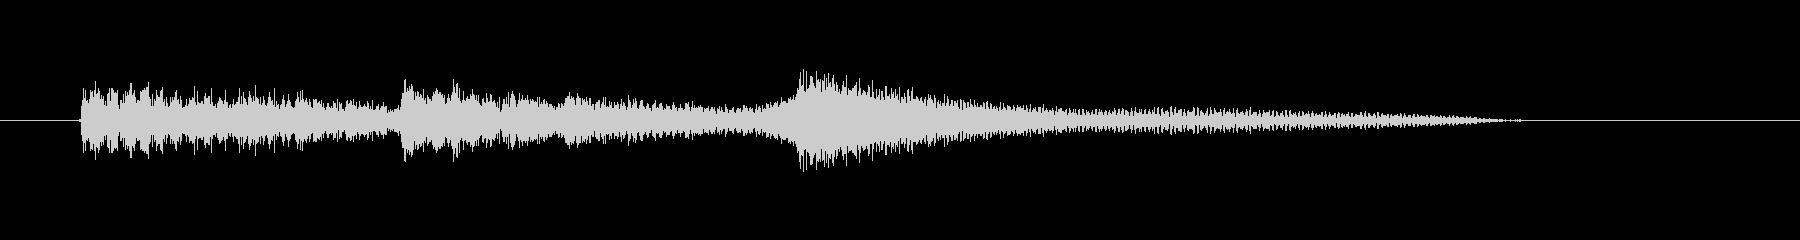 ジャジーなピアノの転換ジングルの未再生の波形